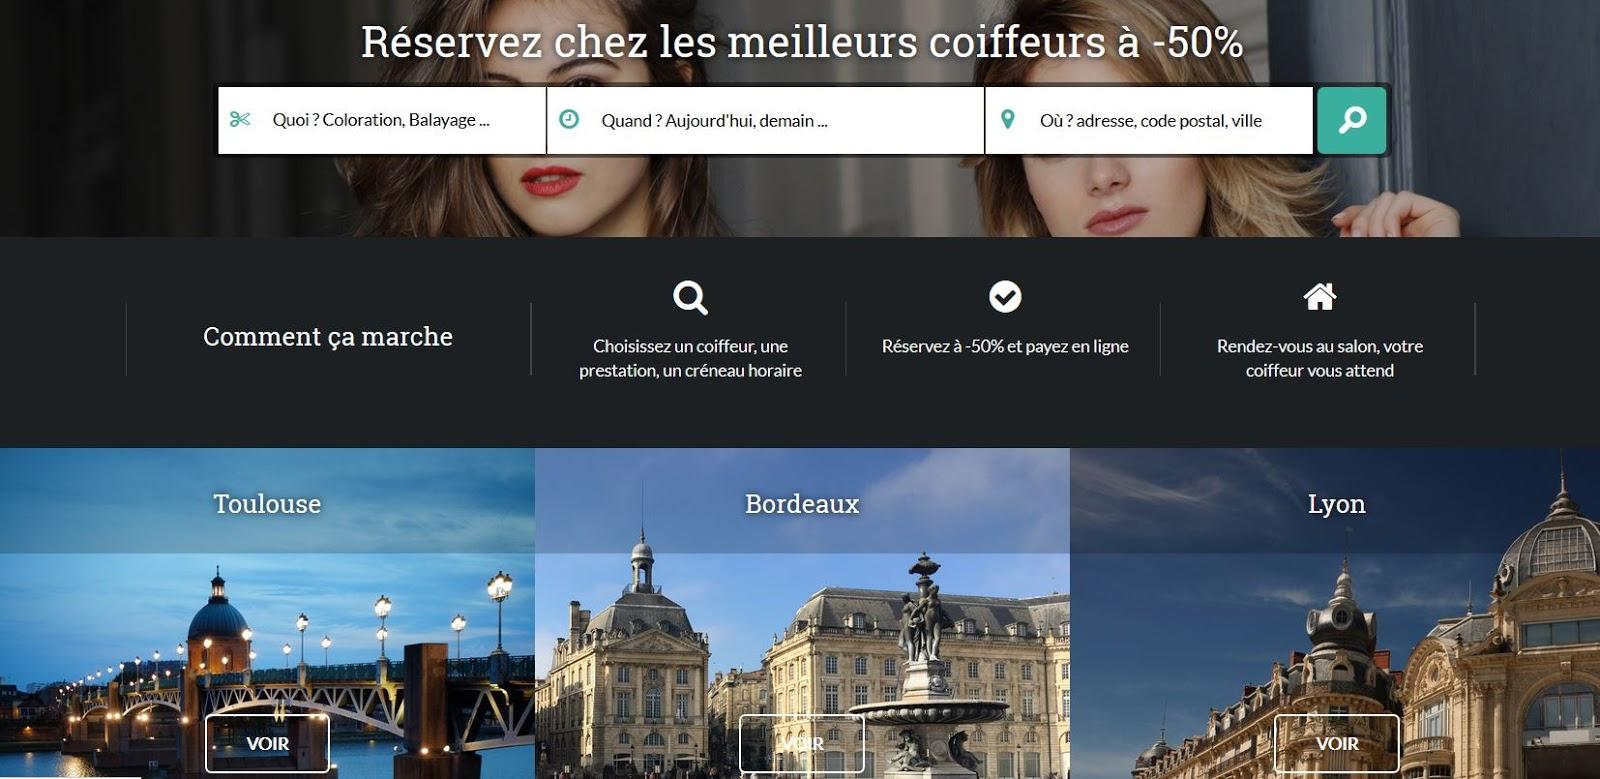 Andru00e9 Rocheleau Passionnu00e9  Du00e9v des Affaires Pubs  Webdiffusion Affichage Numu00e9rique ...